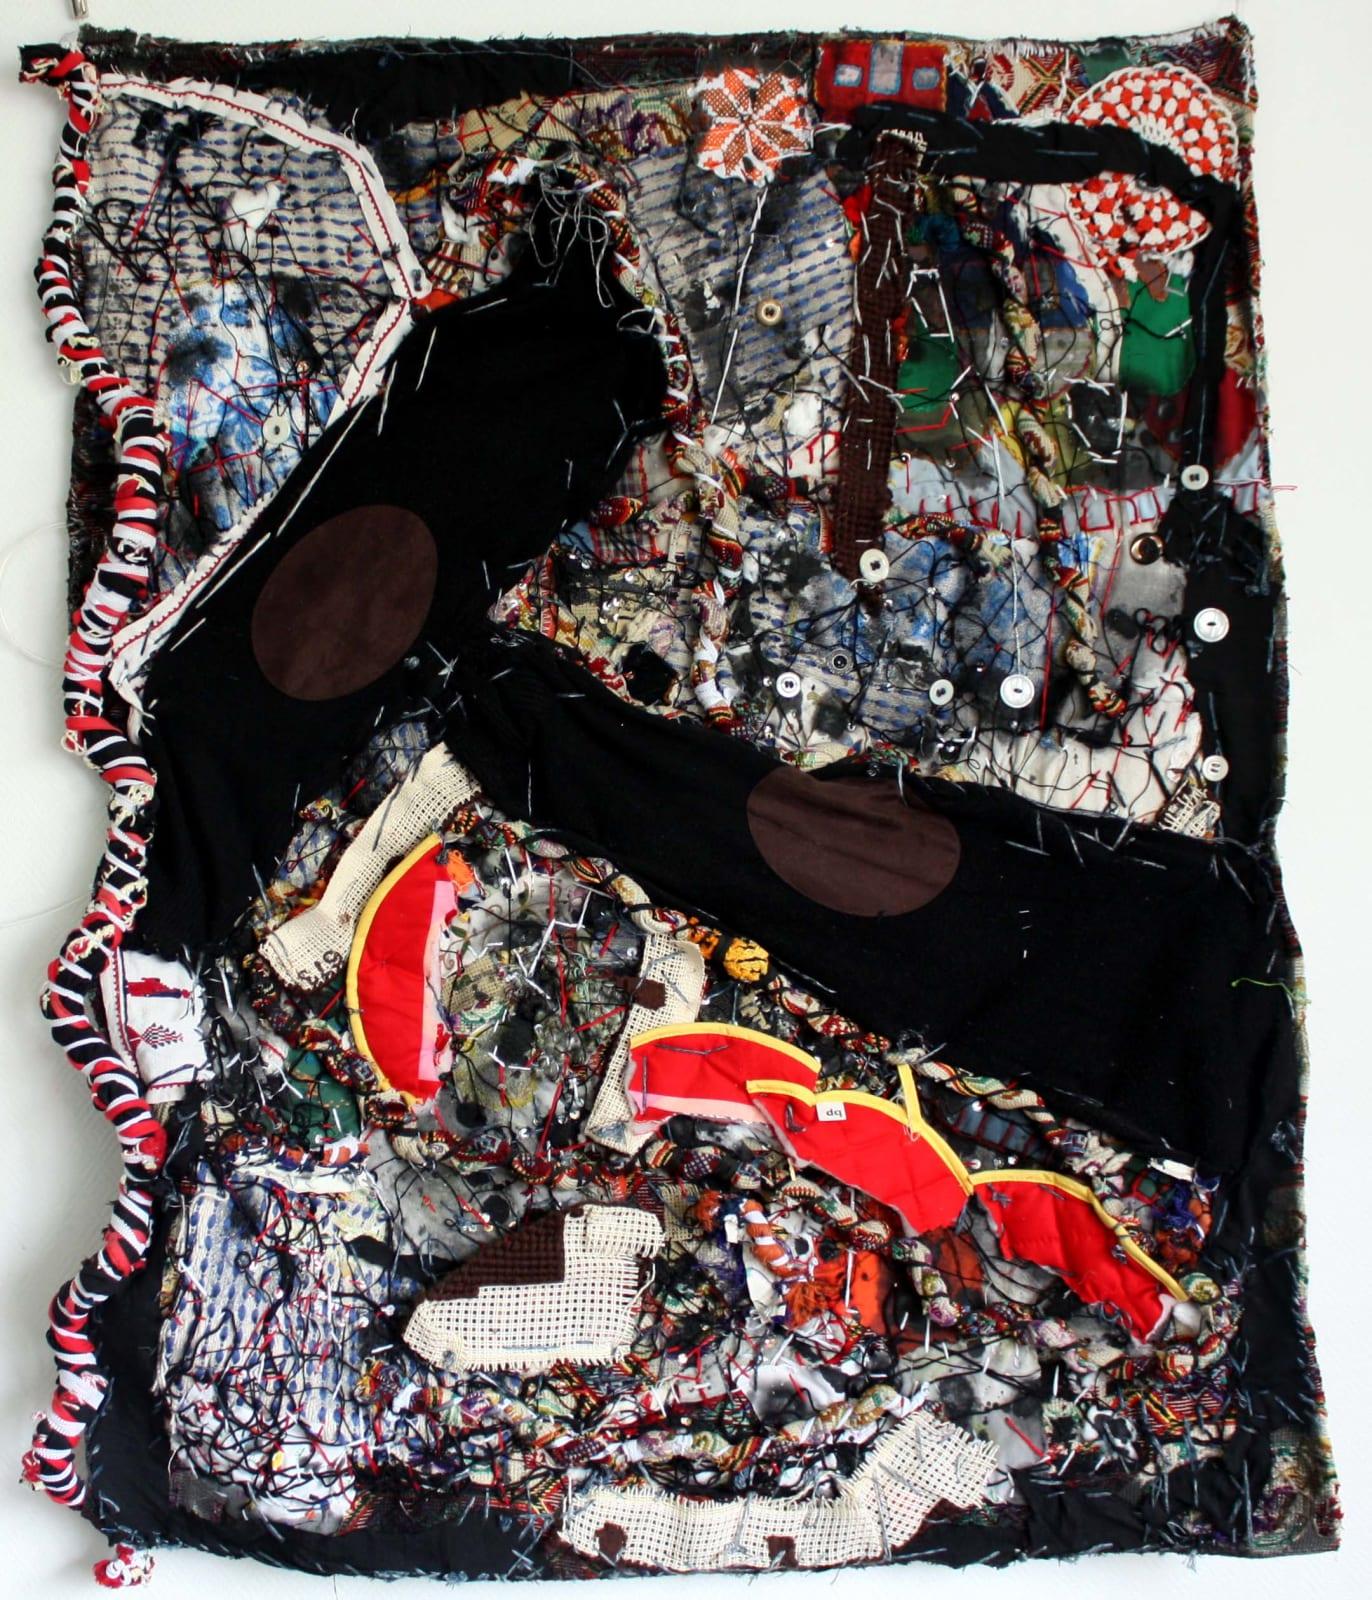 Hyacinthe Ouattara, Fragility, 2020